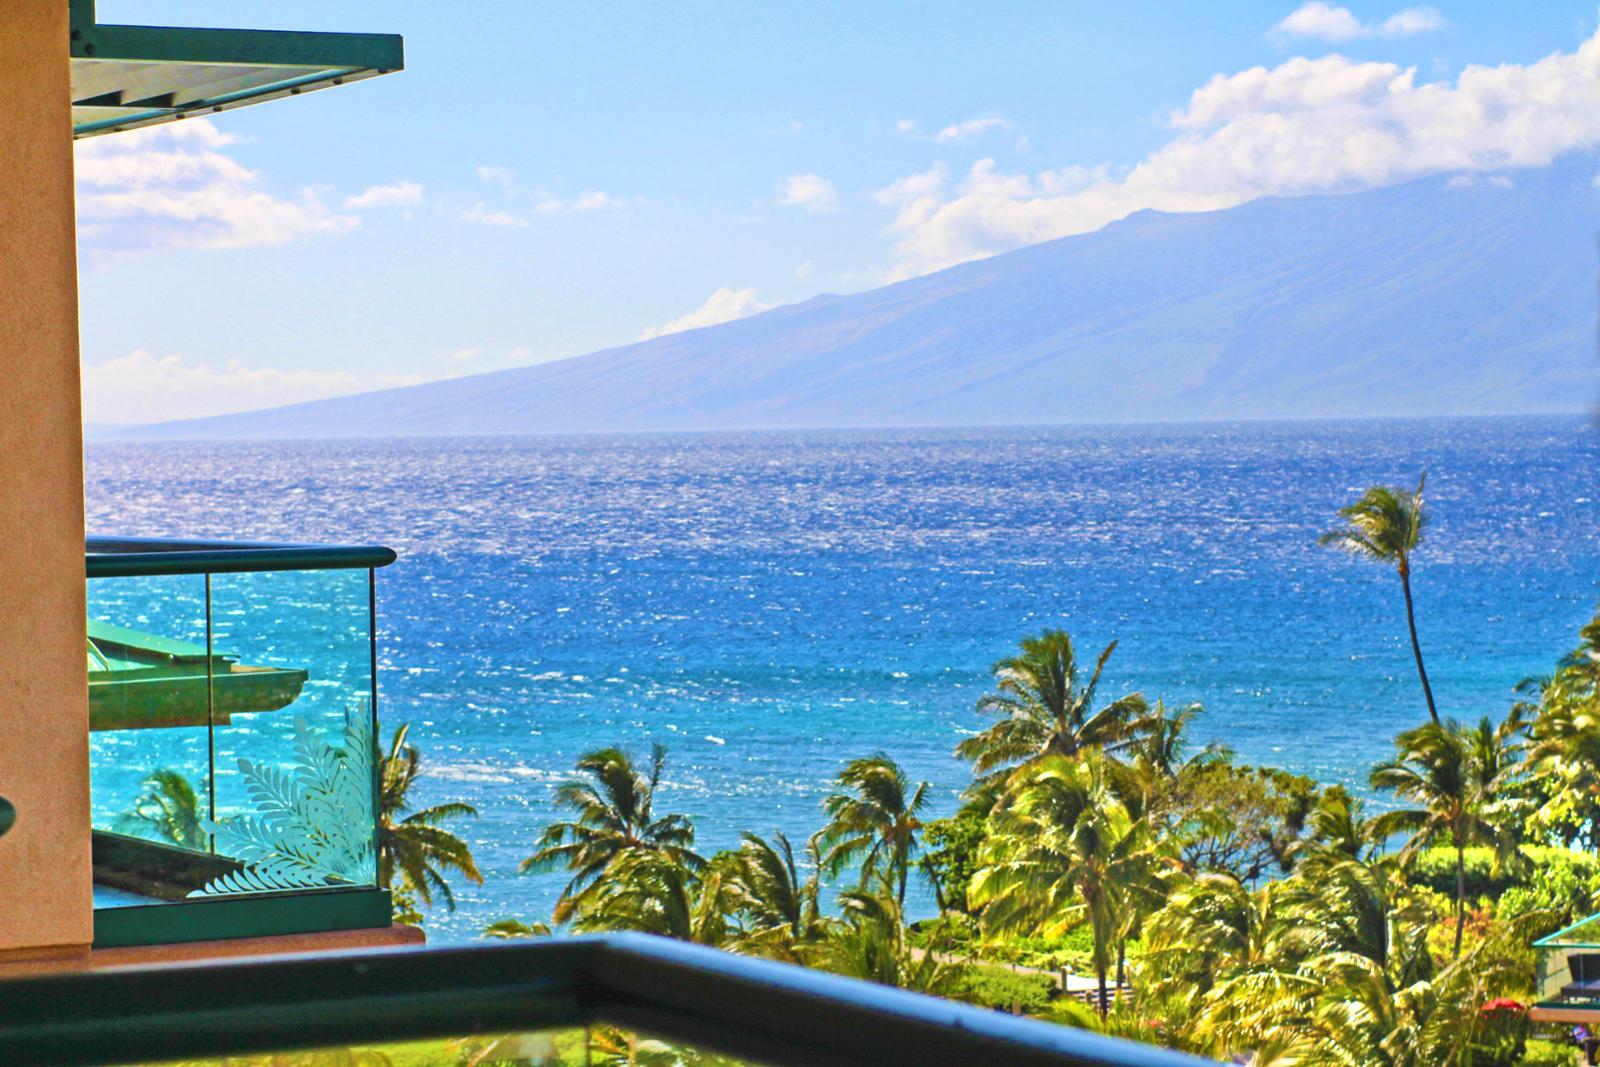 Beautiful Ocean Views kbm hawaii - honua kai #hkh-838 - luxury vacation rental at